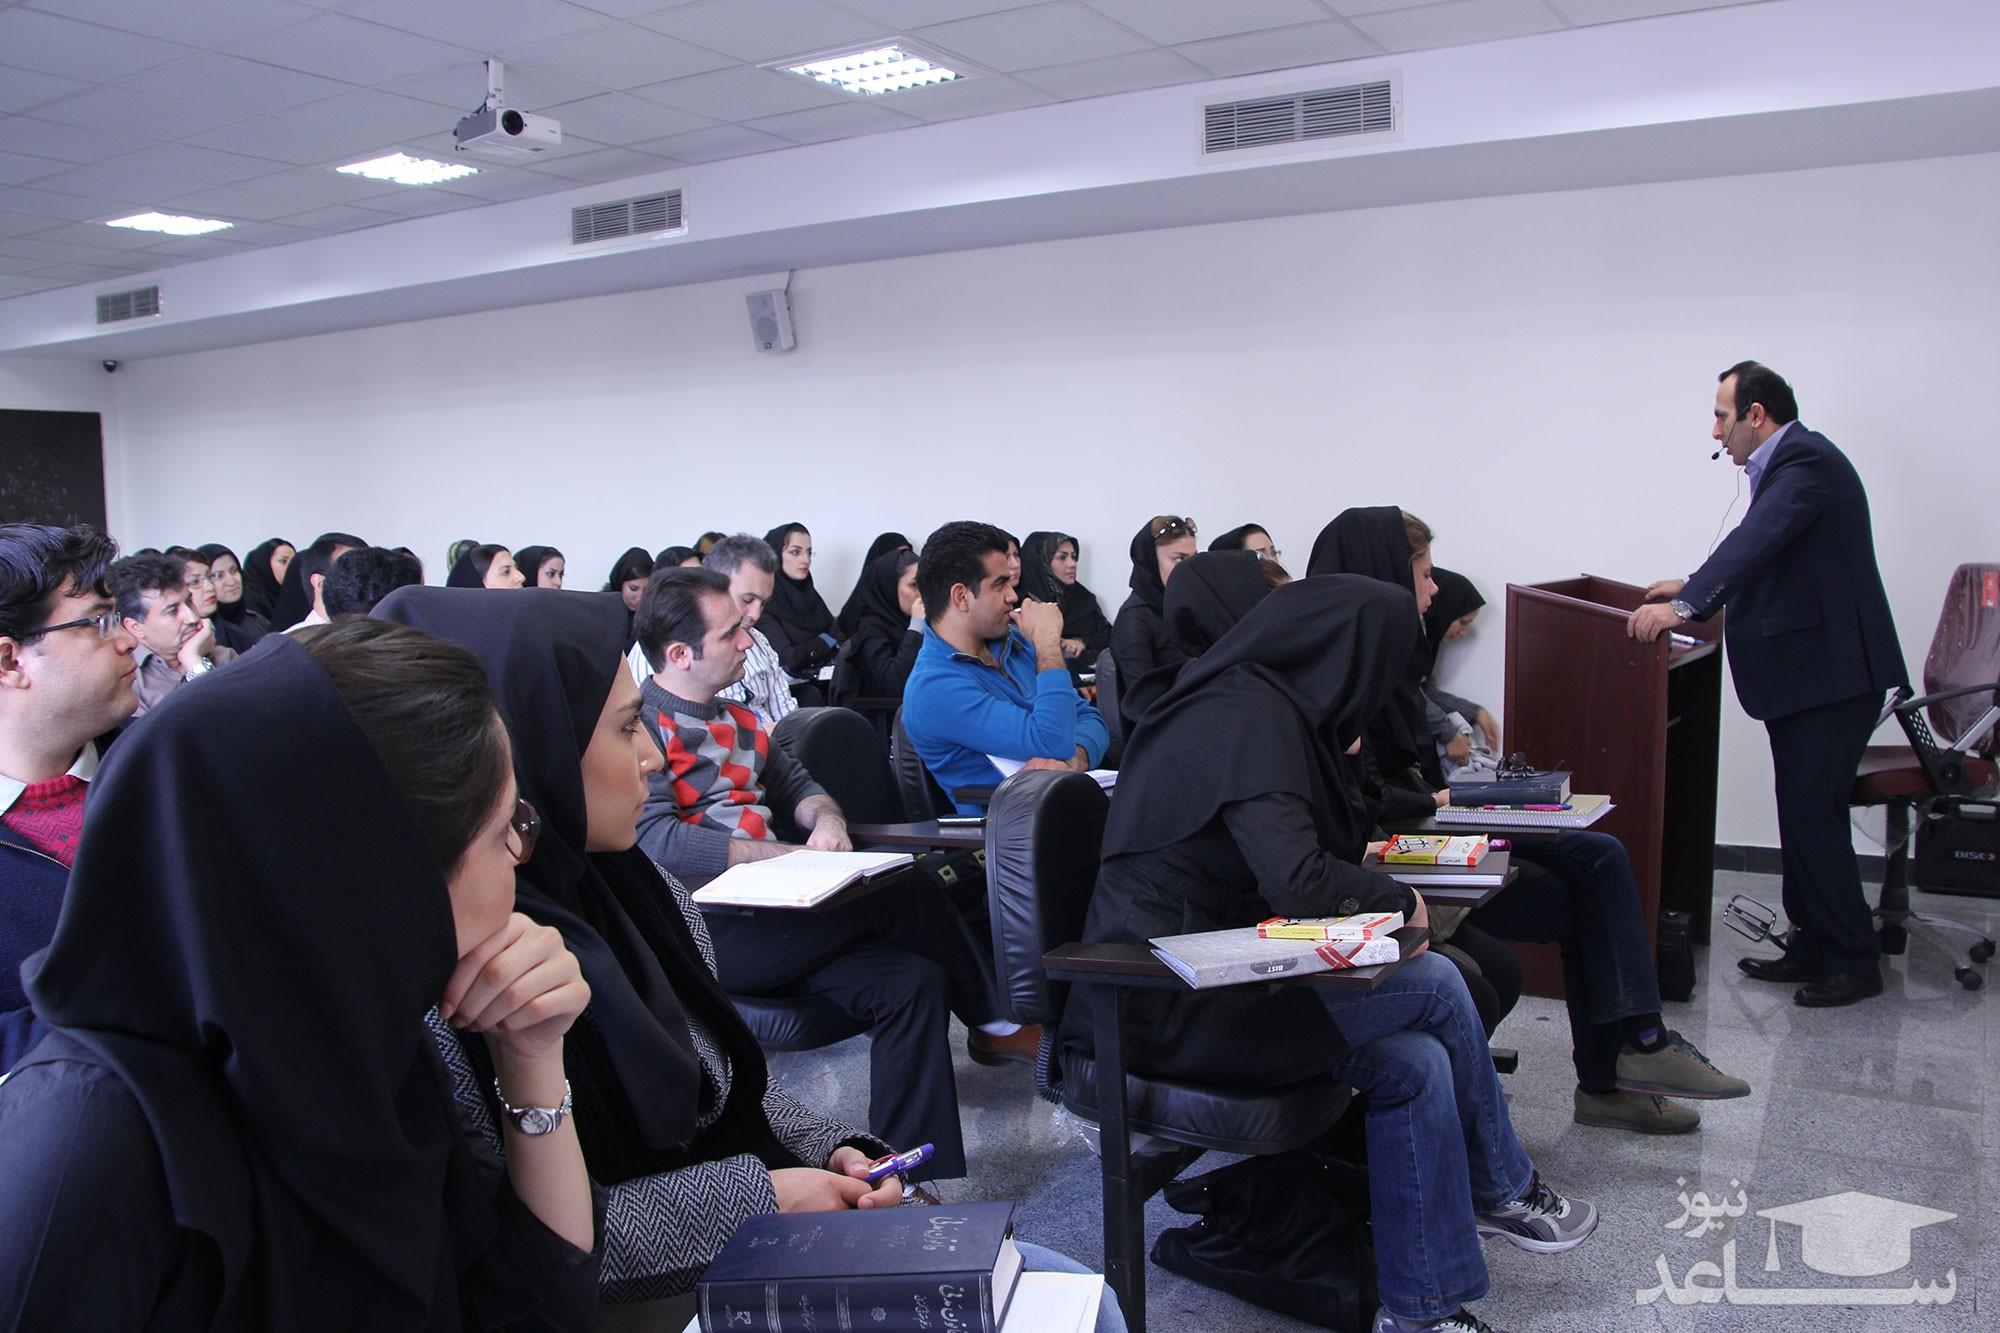 زمان اعلام نتایج نهایی جذب هیات علمی دانشگاهها مشخص شد